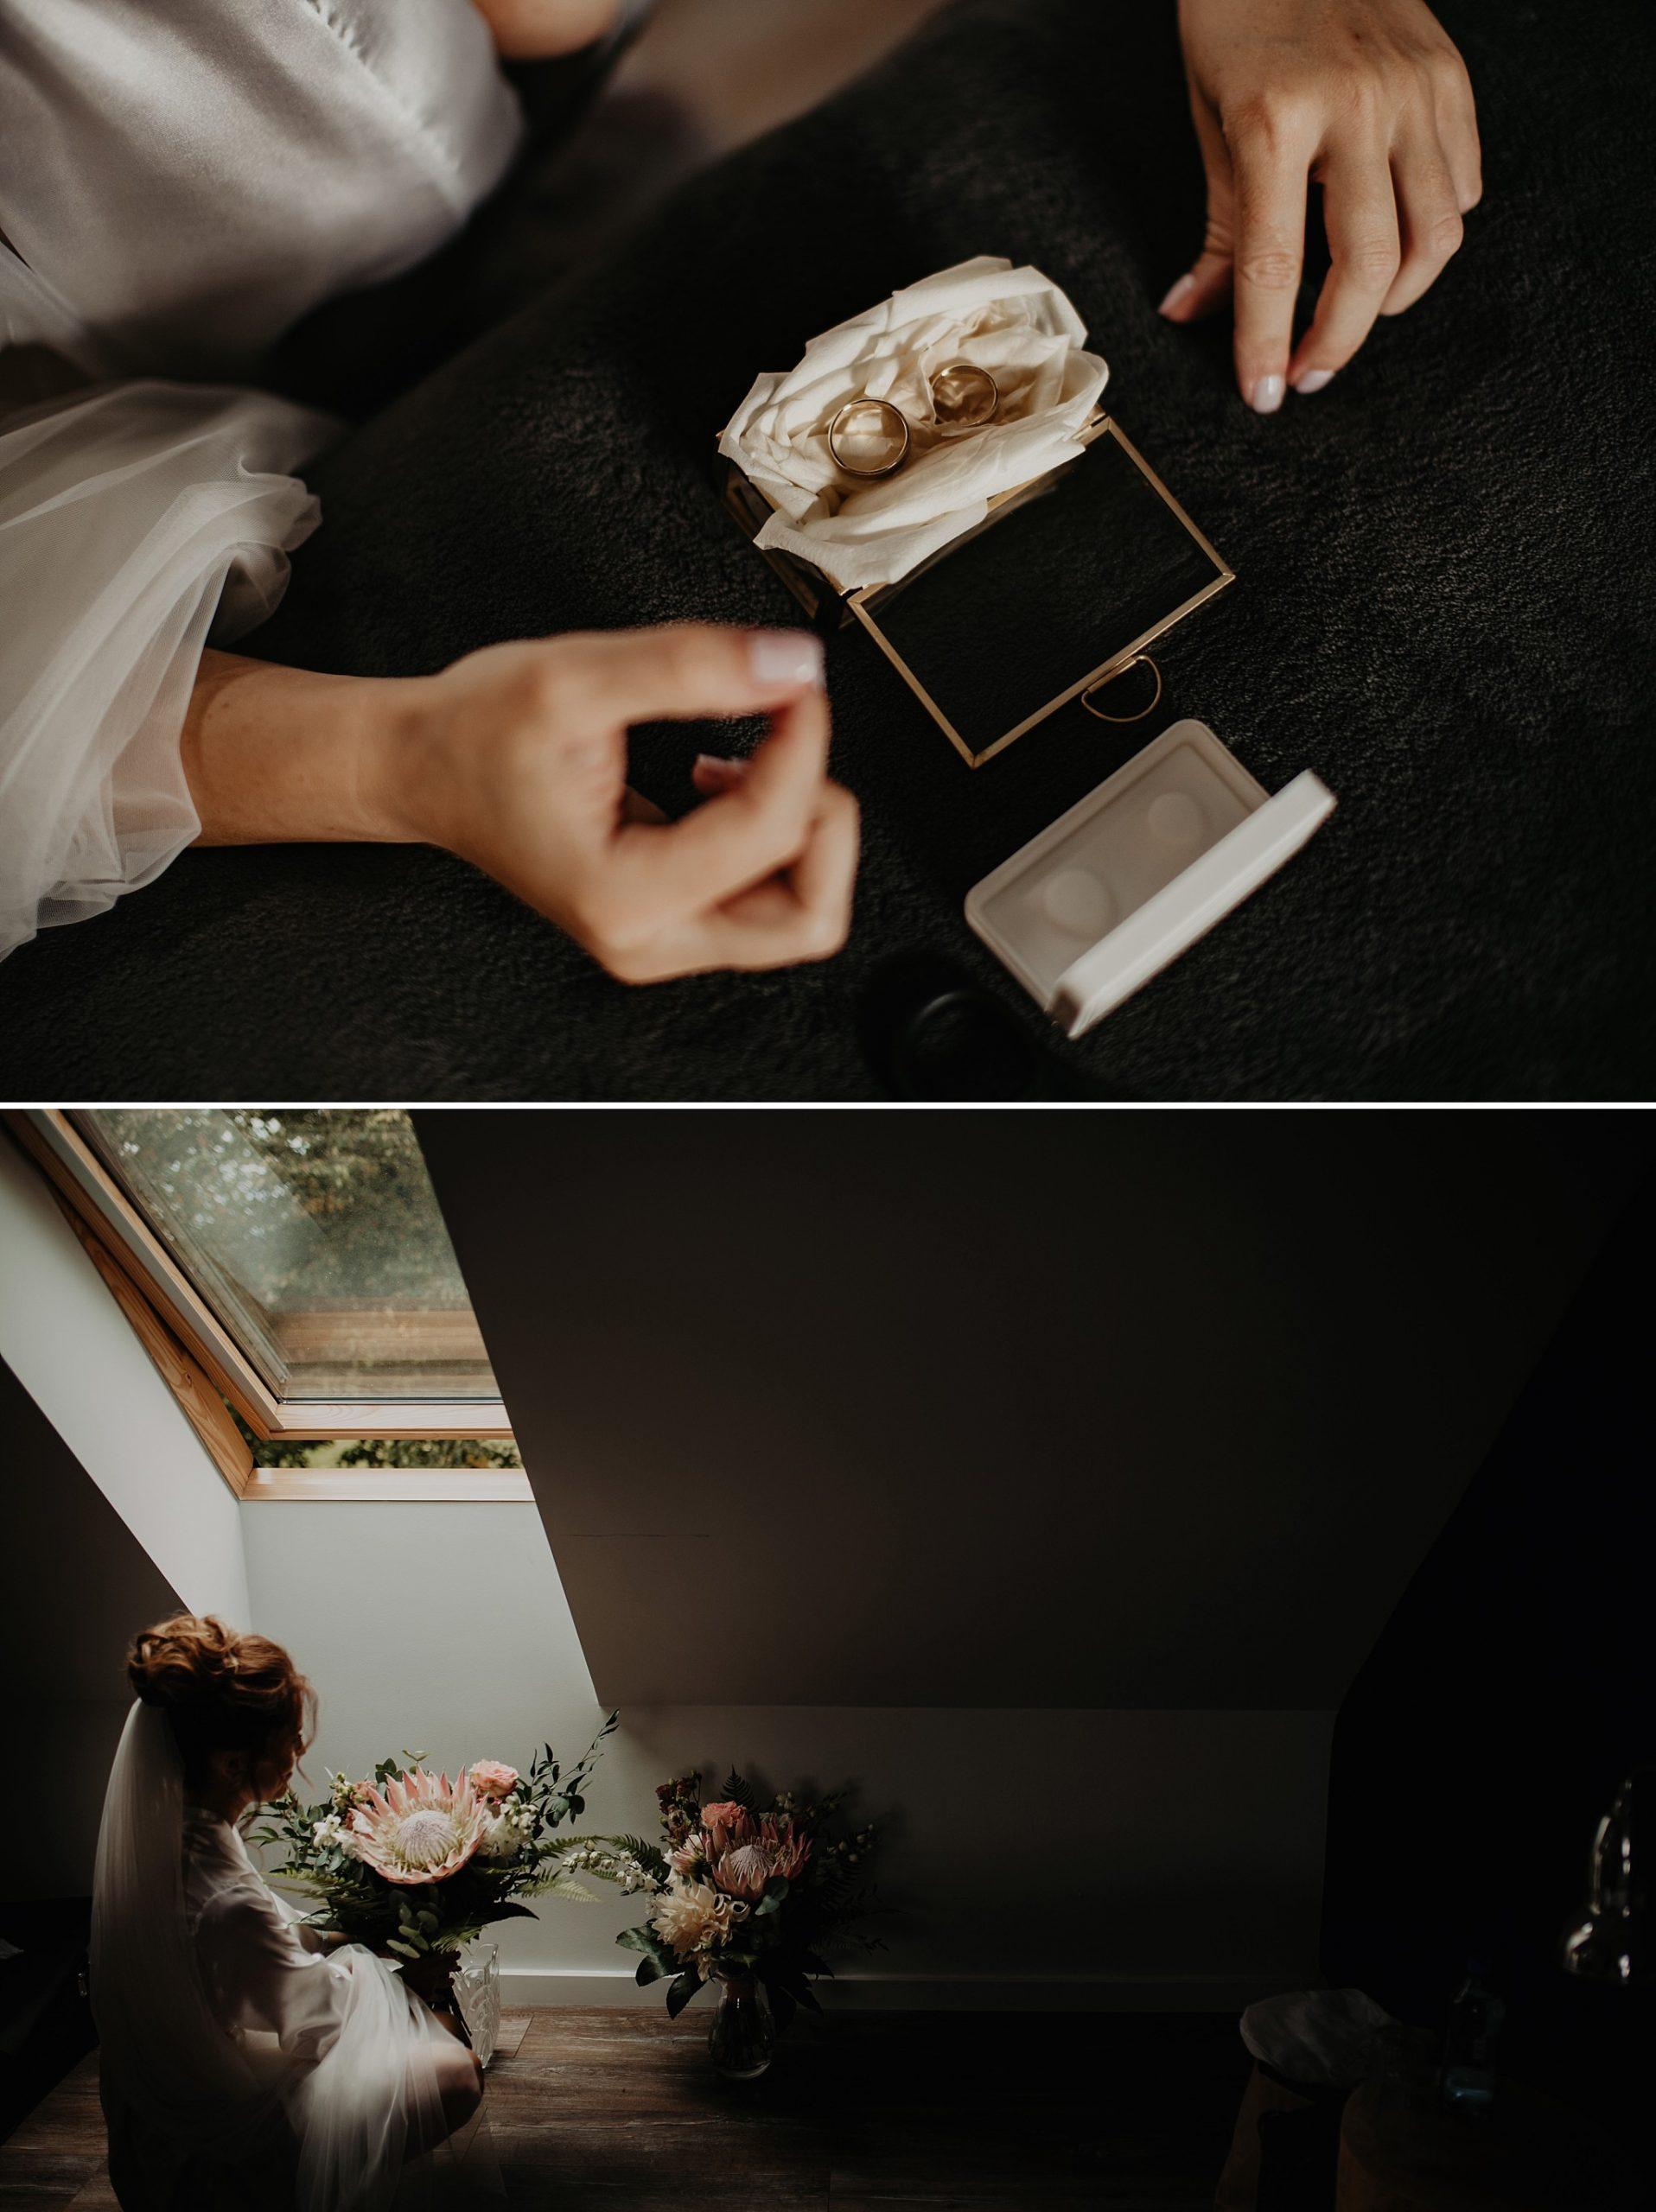 fotograf poznan wesele dobra truskawka piekne wesele pod poznaniem wesele w dobrej truskawce piekna para mloda slub marzen slub koronawirus slub listopad wesele koronawirus 014 scaled